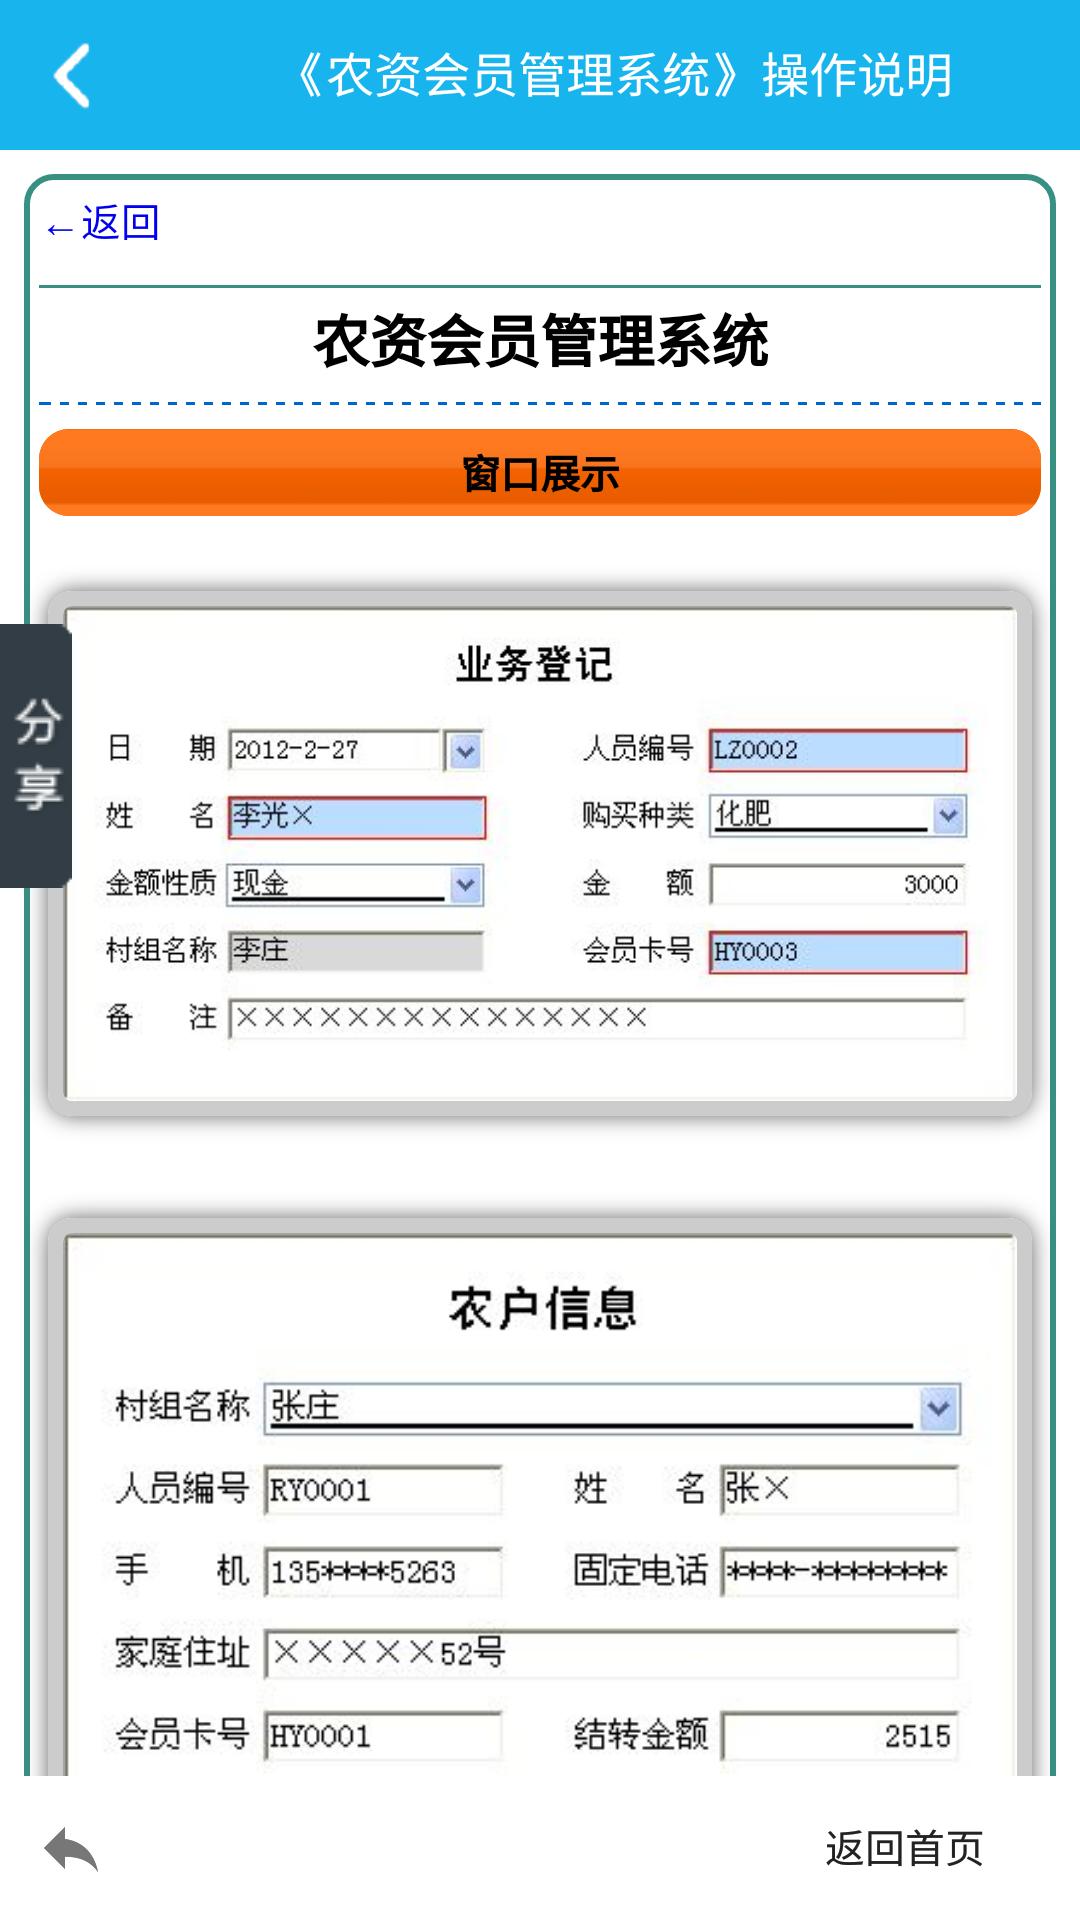 农资会员管理系统